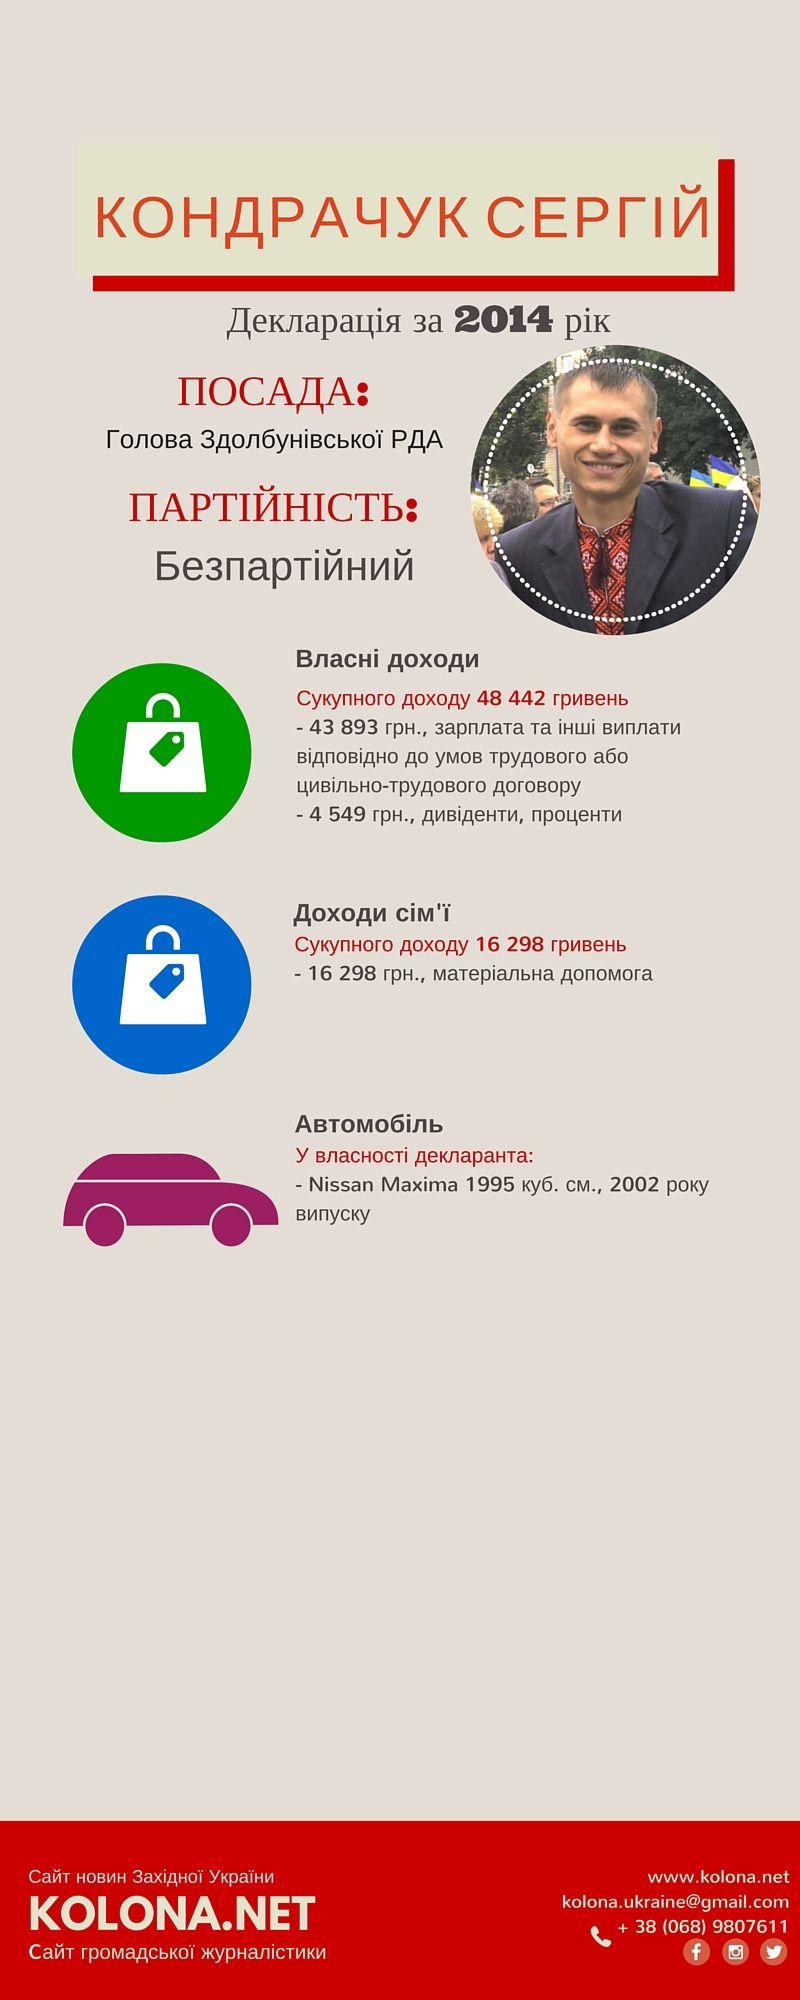 Голова Здолбунівської РДА- Кондрачук Сергій